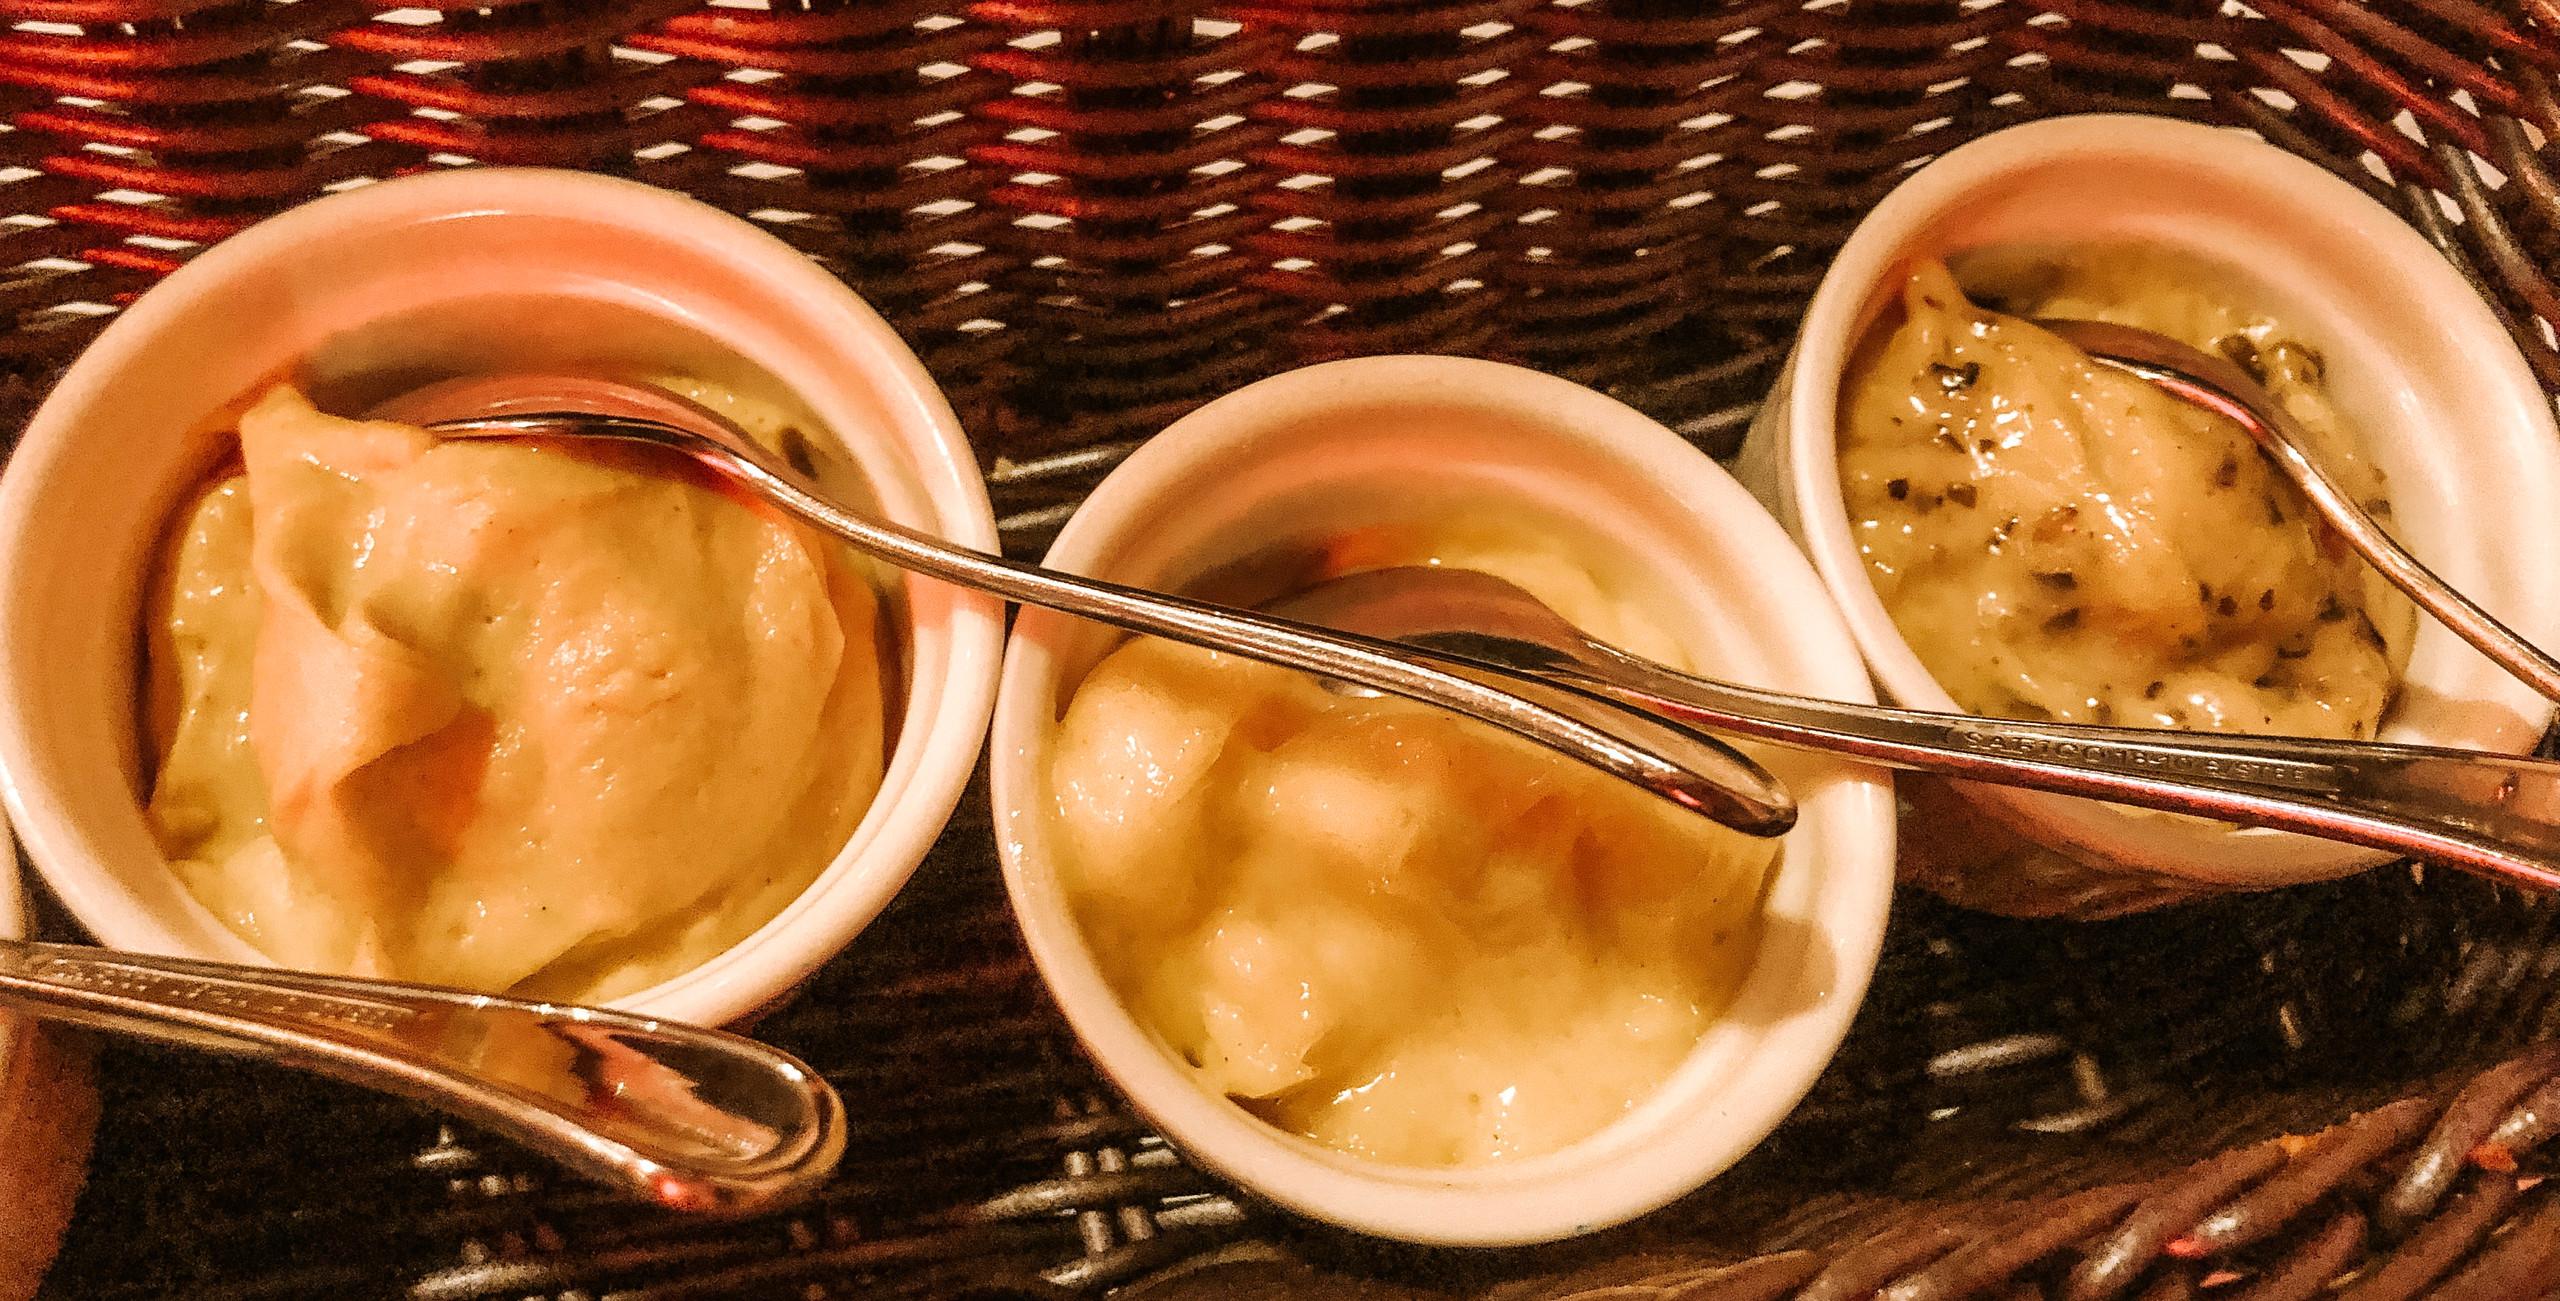 Les Bouchons Singapore River Valley Restaurant sauce condiments